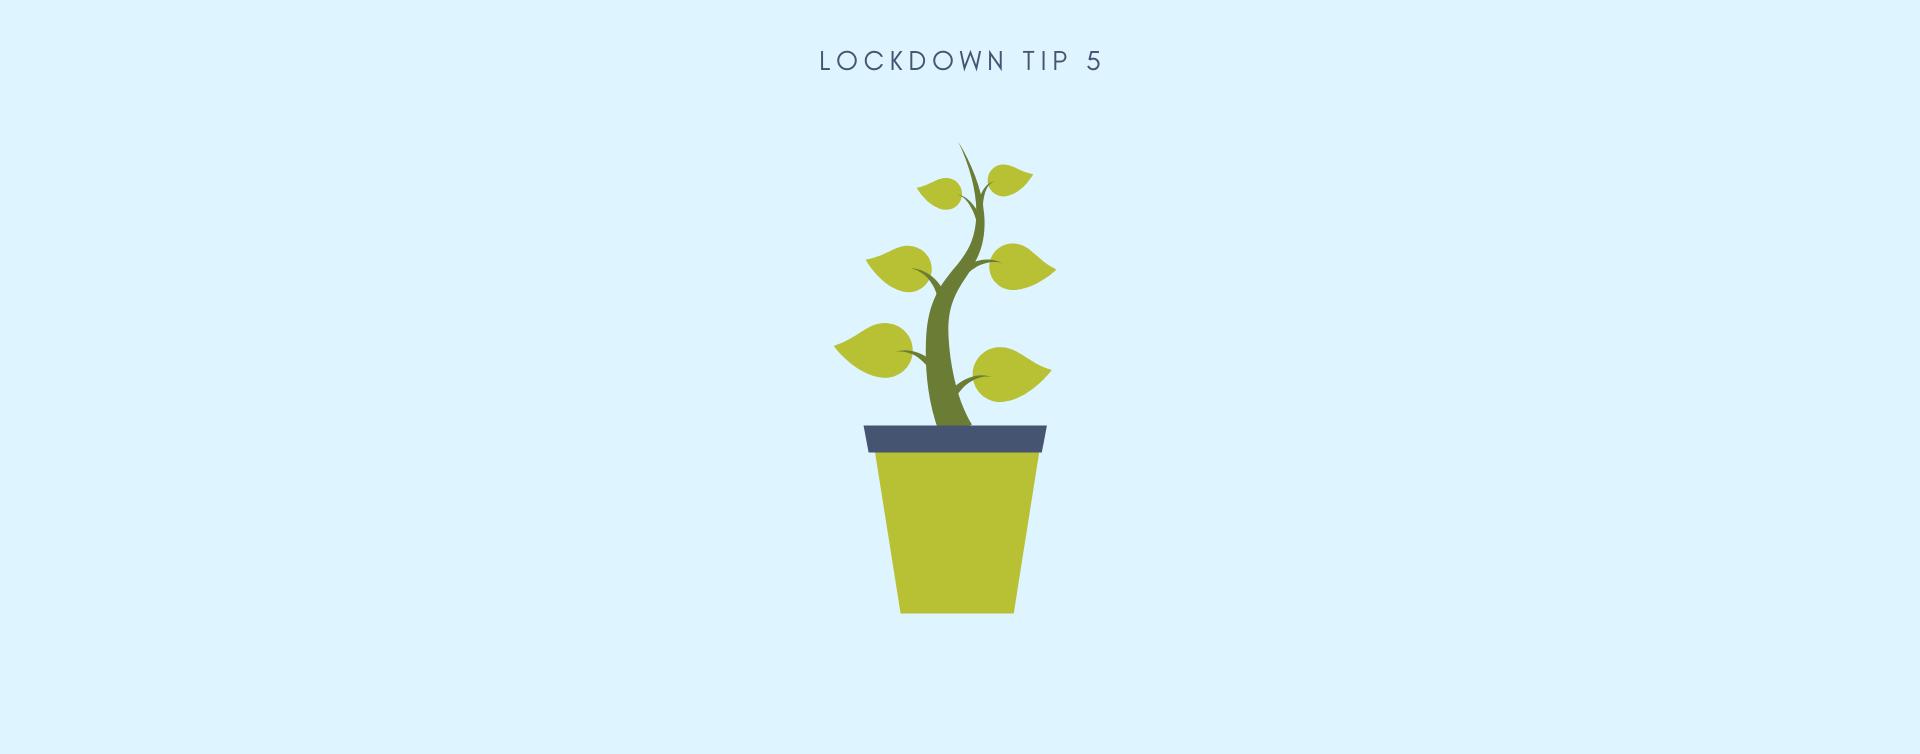 MCSA Lockdown Tip 5